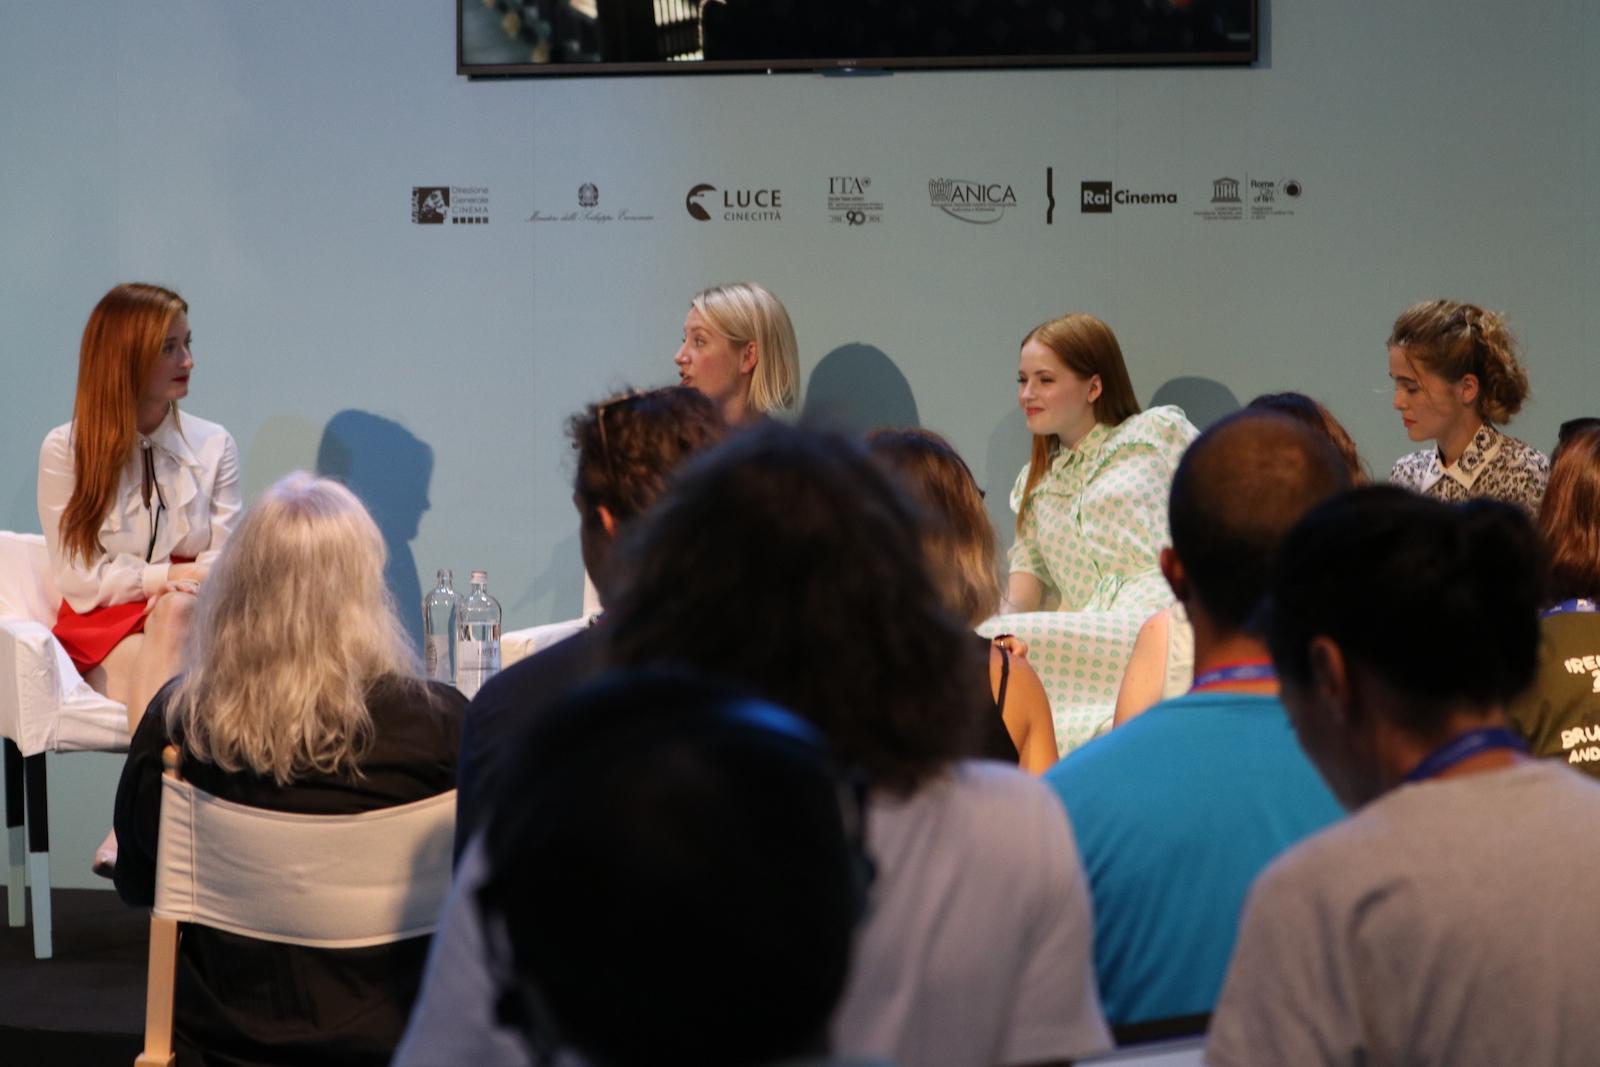 Venezia 2016: Ellie Bamber, Zoey Deutch e Grace Gummer all'incontro di Miu Miu Women's tales